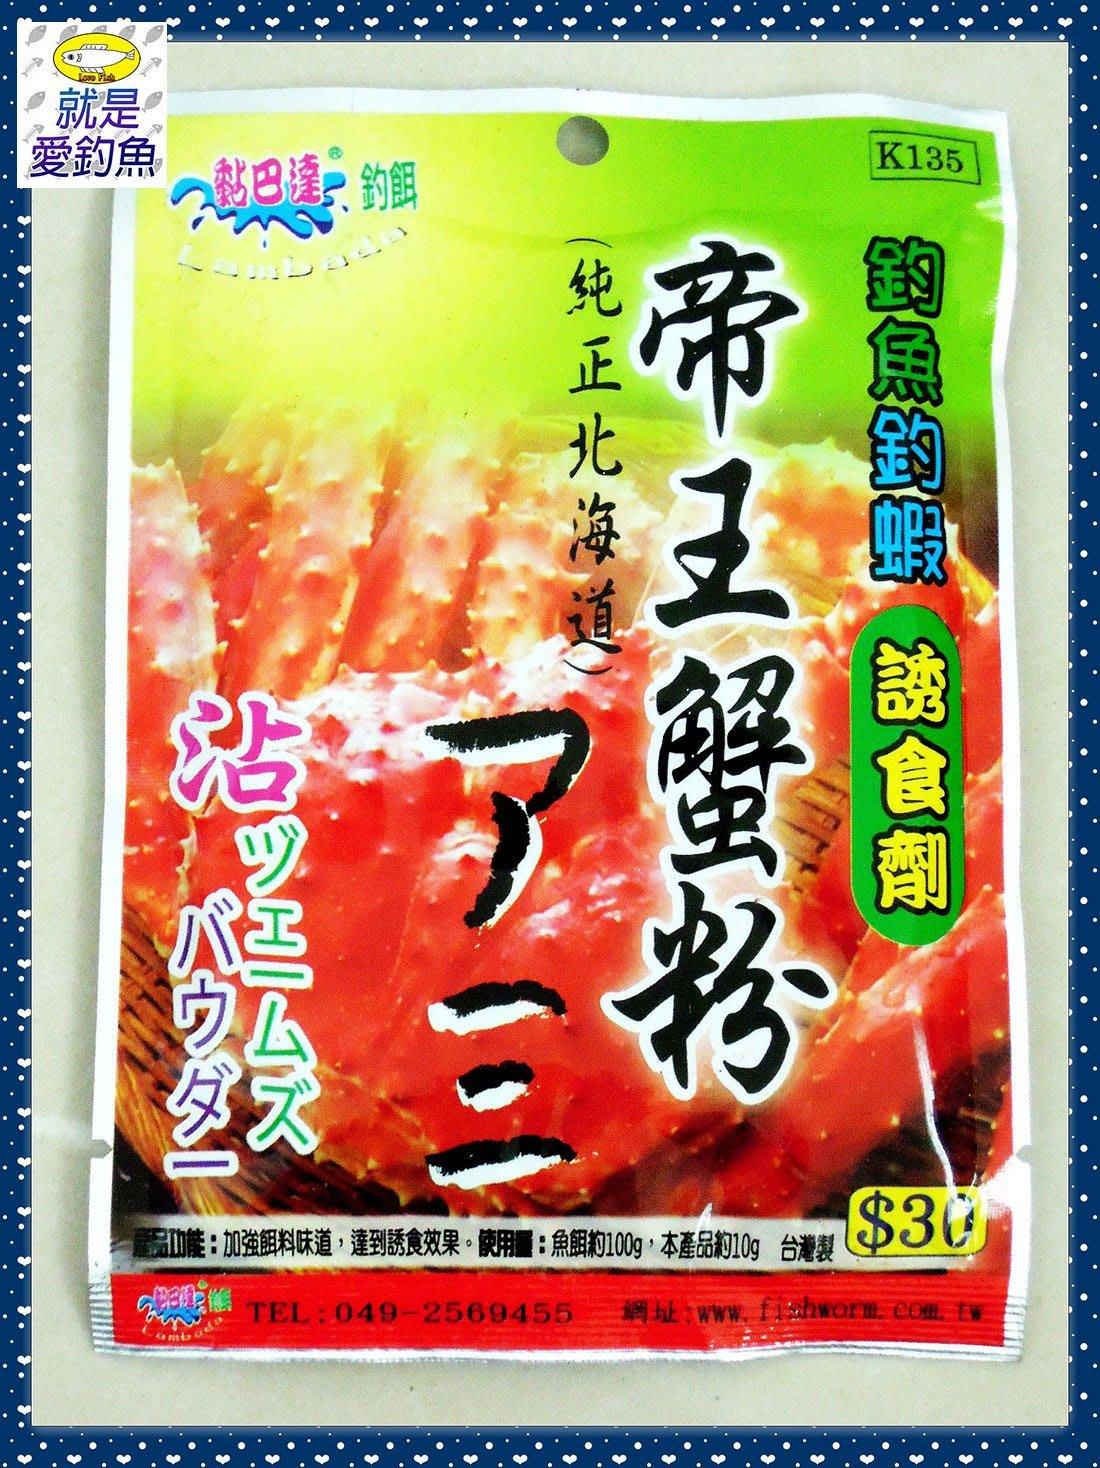 【就是愛釣魚】黏巴達 帝王蟹粉 誘食劑 純正北海道 釣魚 釣蝦 沾粉 釣餌 台灣製